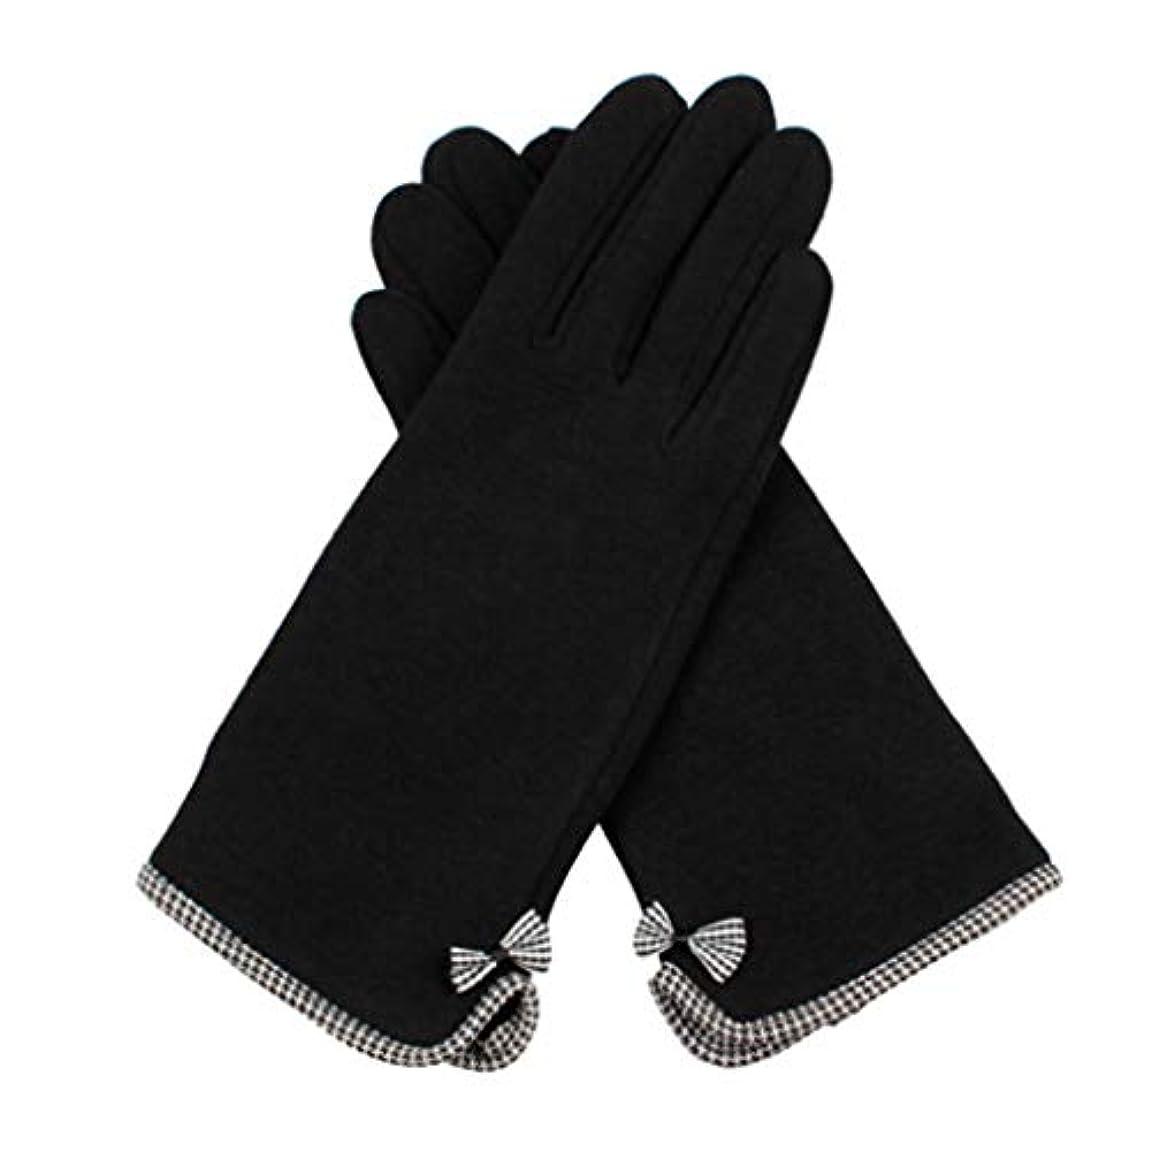 思い出す壁紙公手袋女性の冬暖かい韓国語版蝶の結び目の学生ファッションスリムサイクリング運転女性の手袋 (色 : 黒)